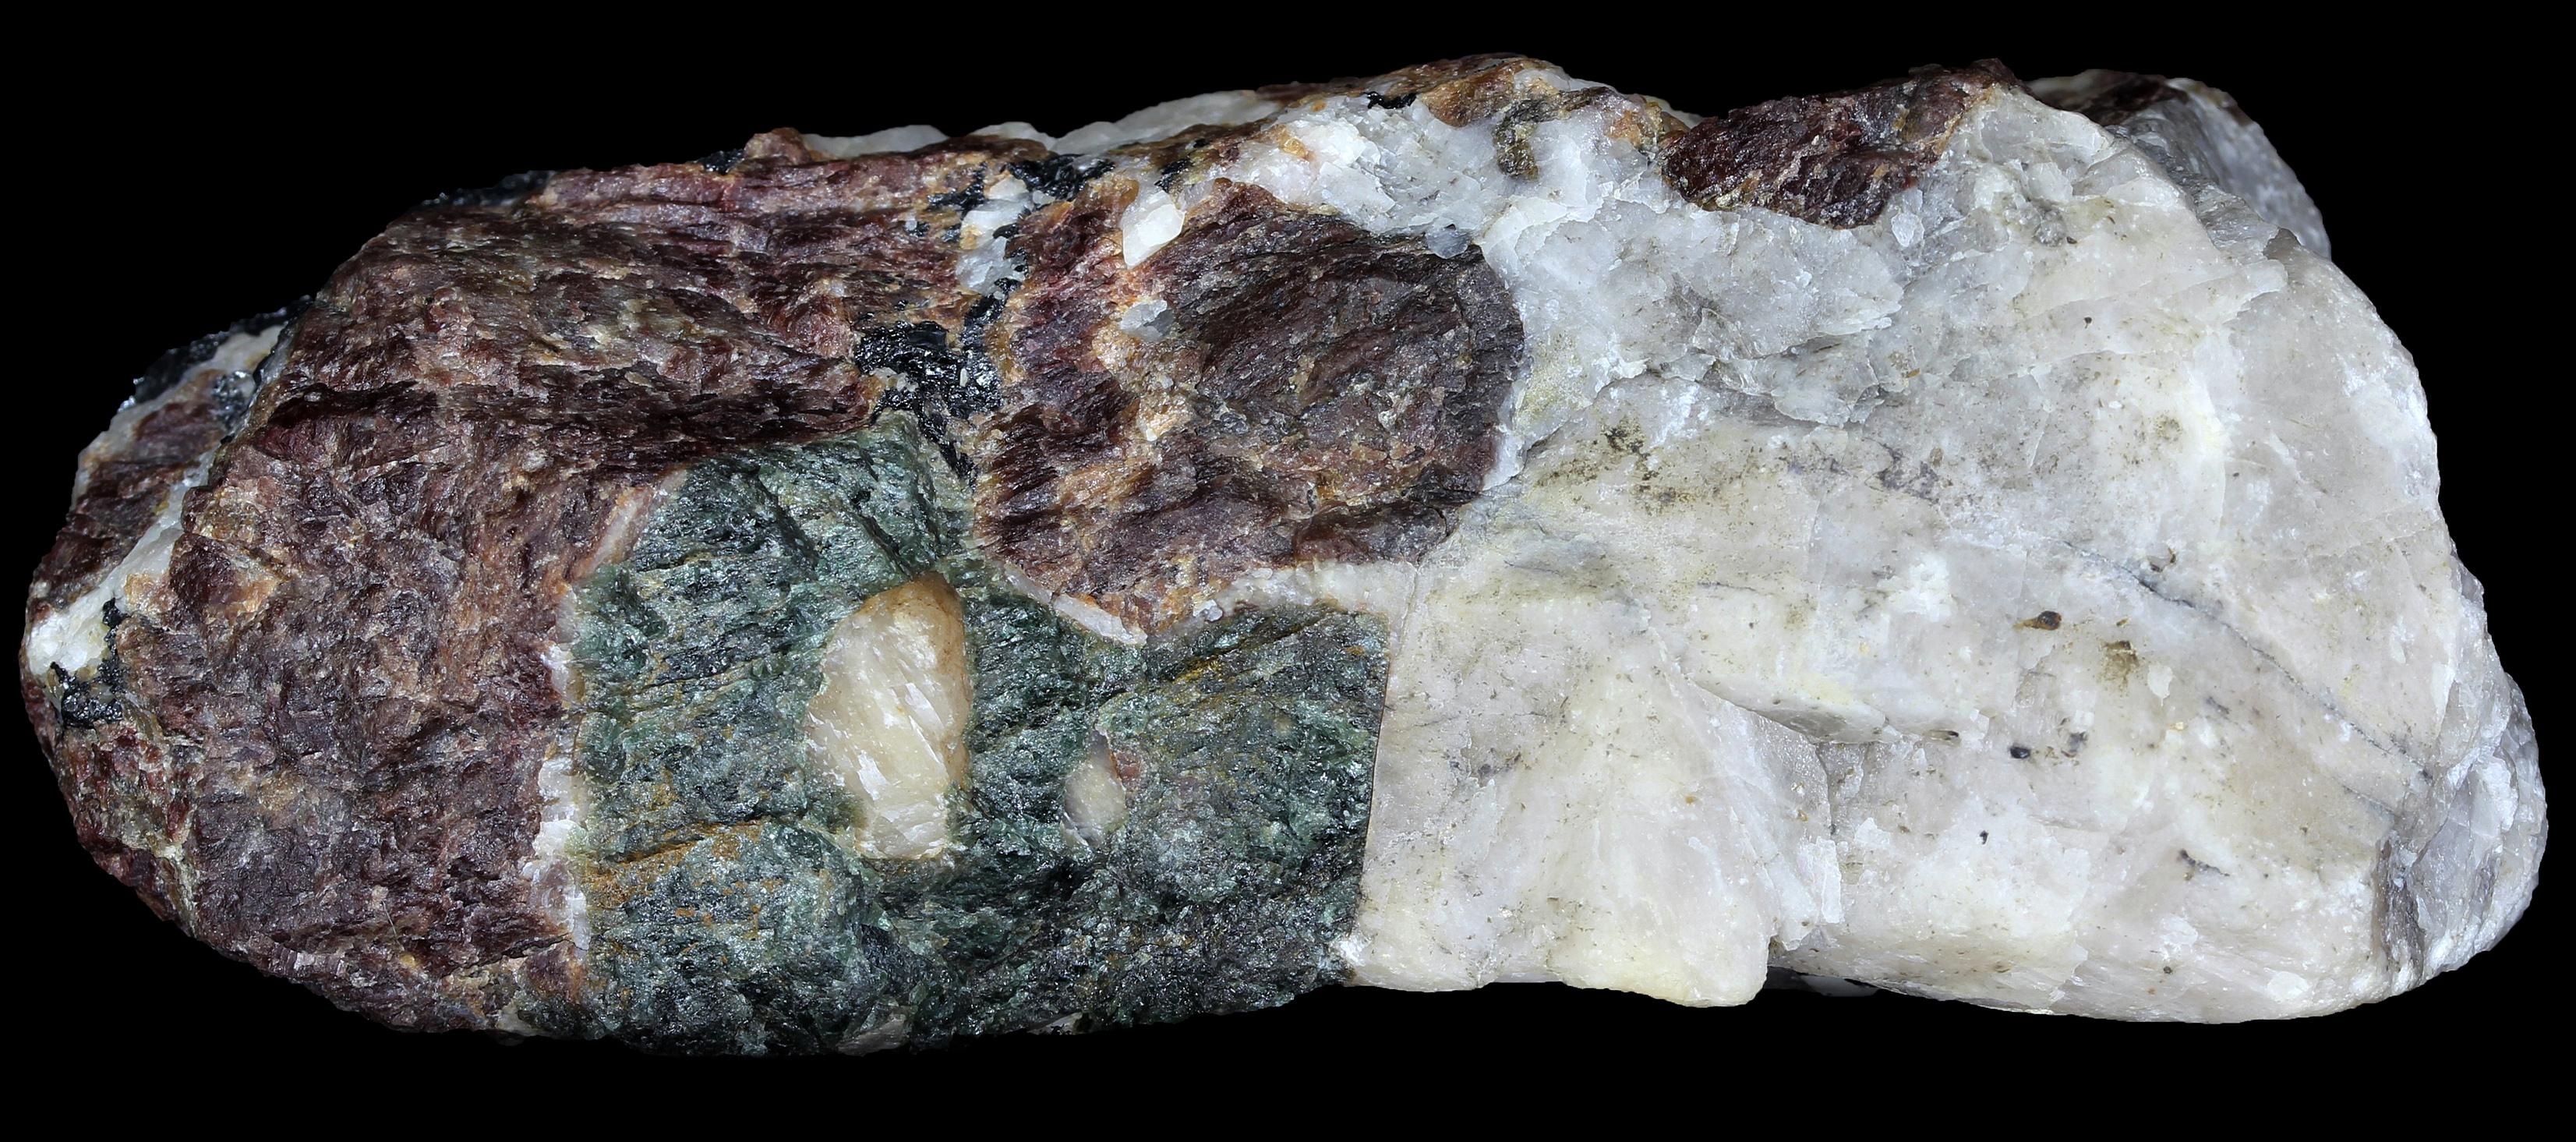 Fluorapatite, grape willemite, calcite and franklinite from Franklin, NJ